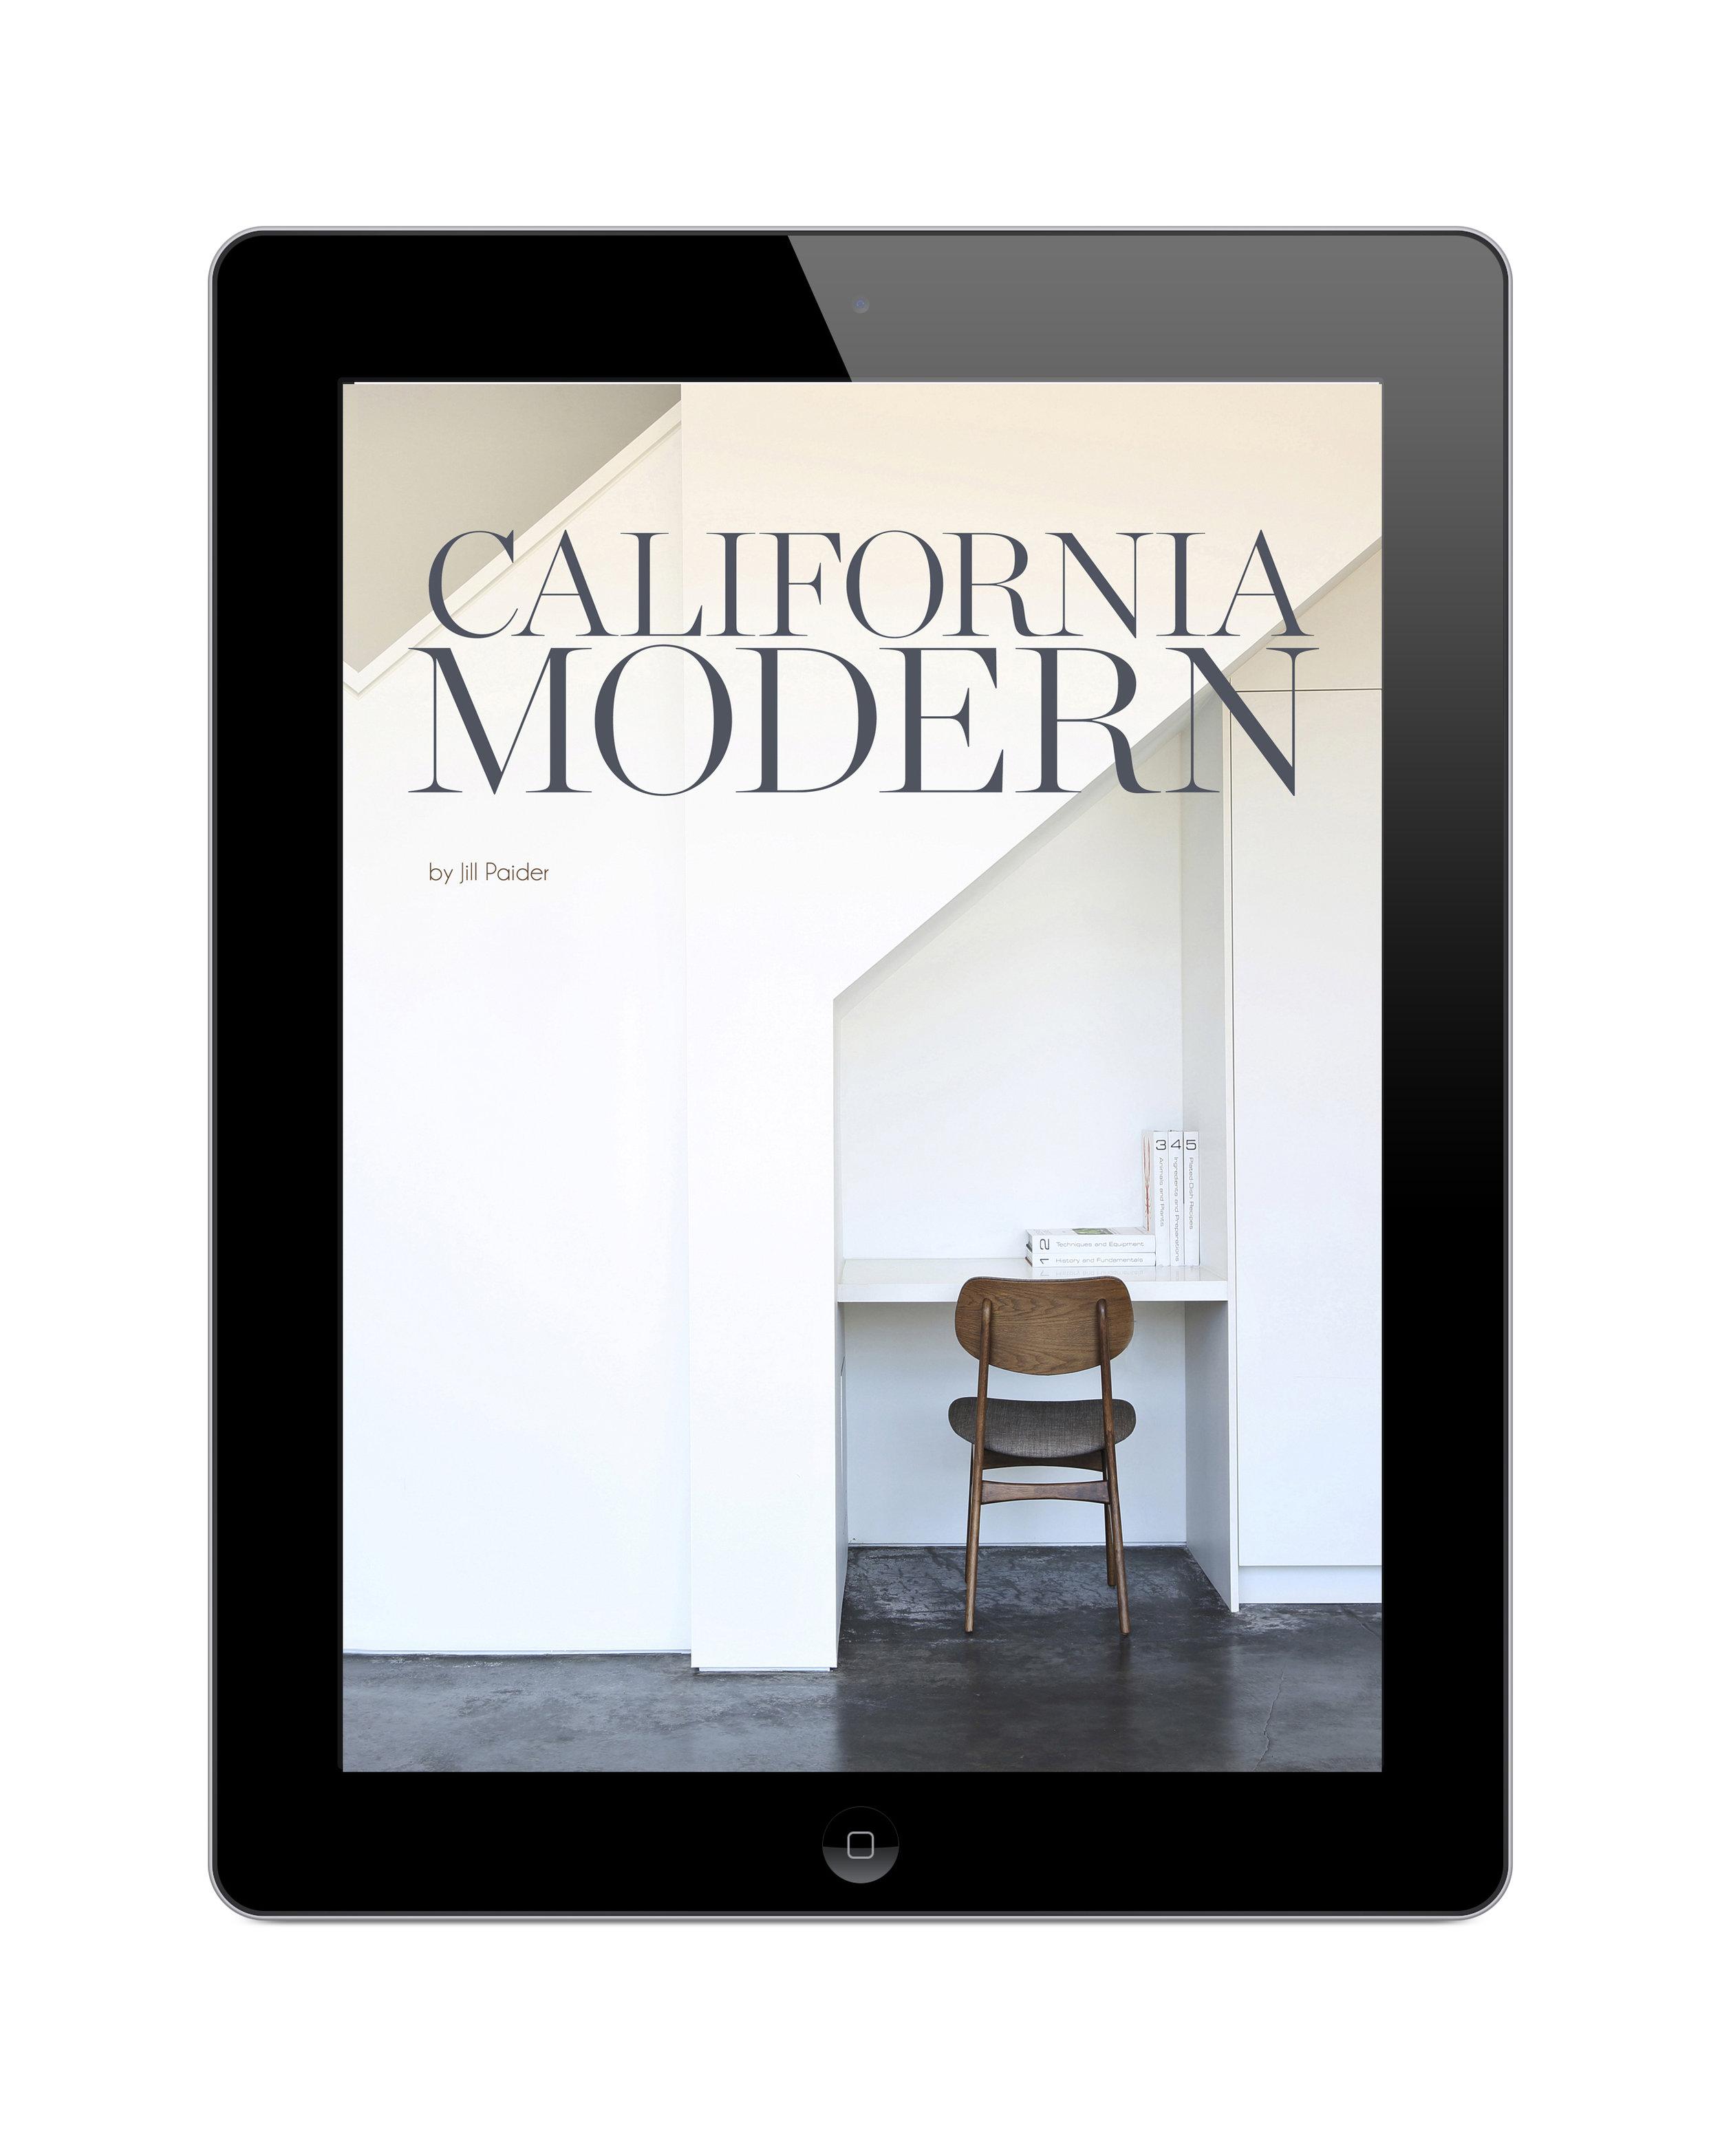 CALIFORNIA MODERN - DIGITAL EDITION